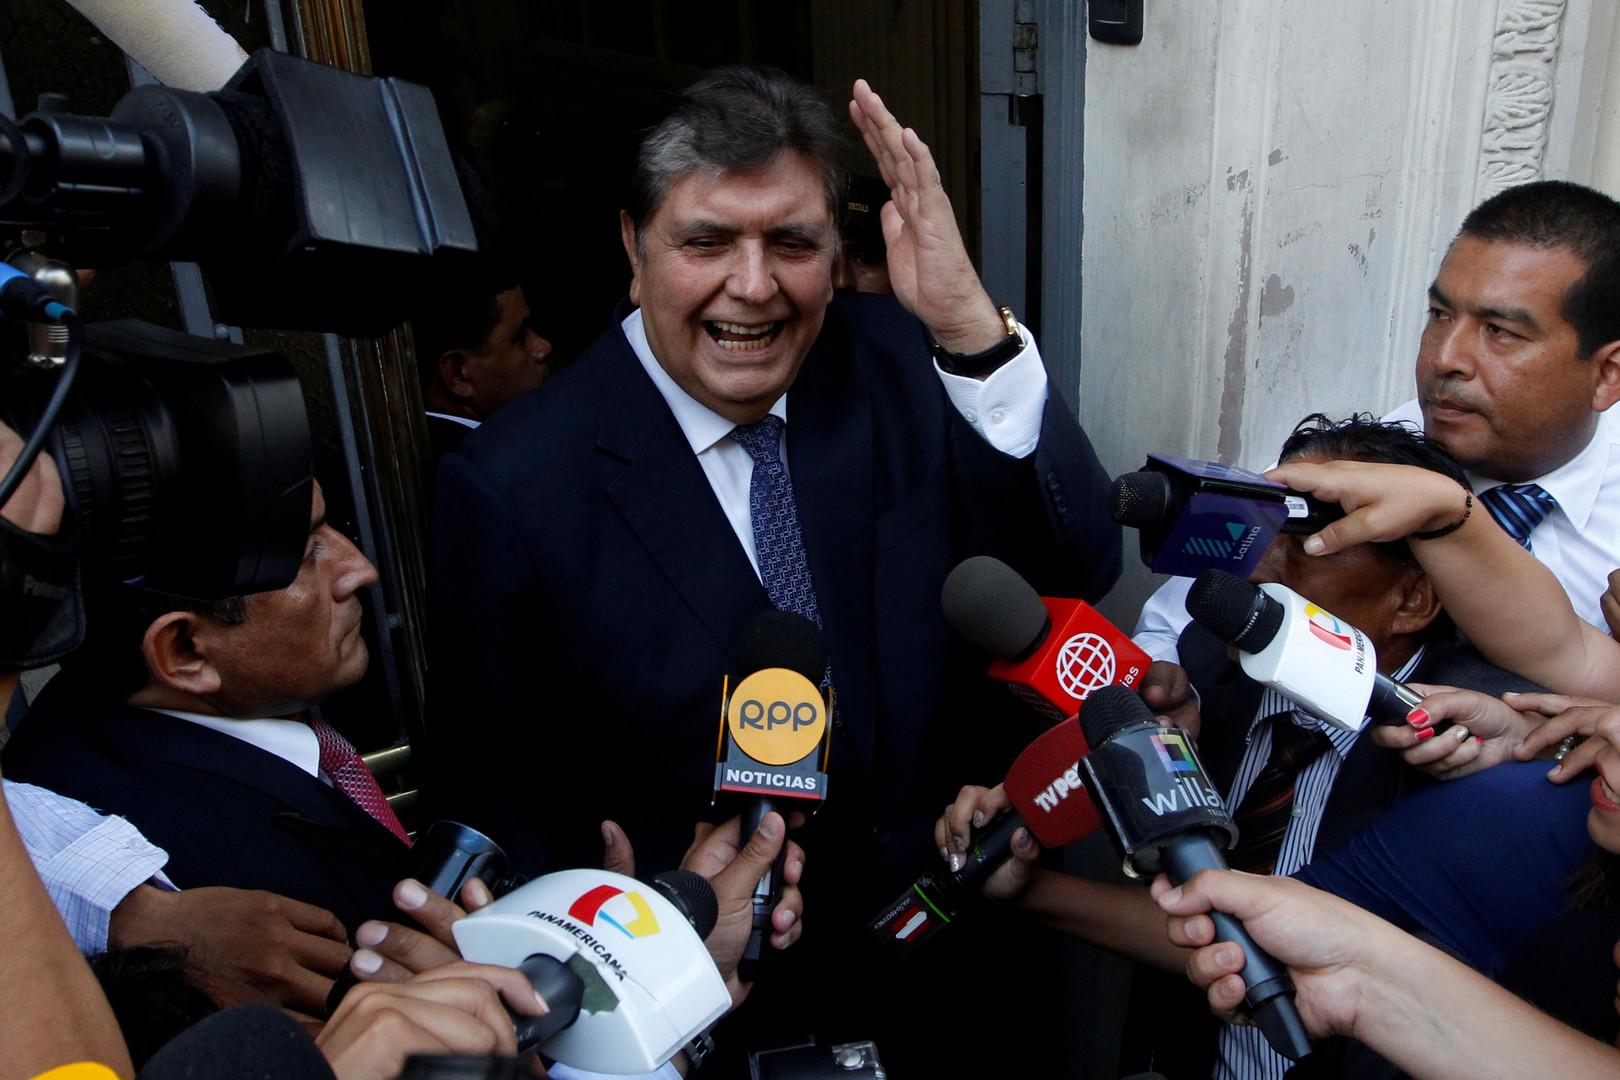 انتحار رئيس بيرو الأسبق آلان غارسيا أثناء محاولة اعتقاله